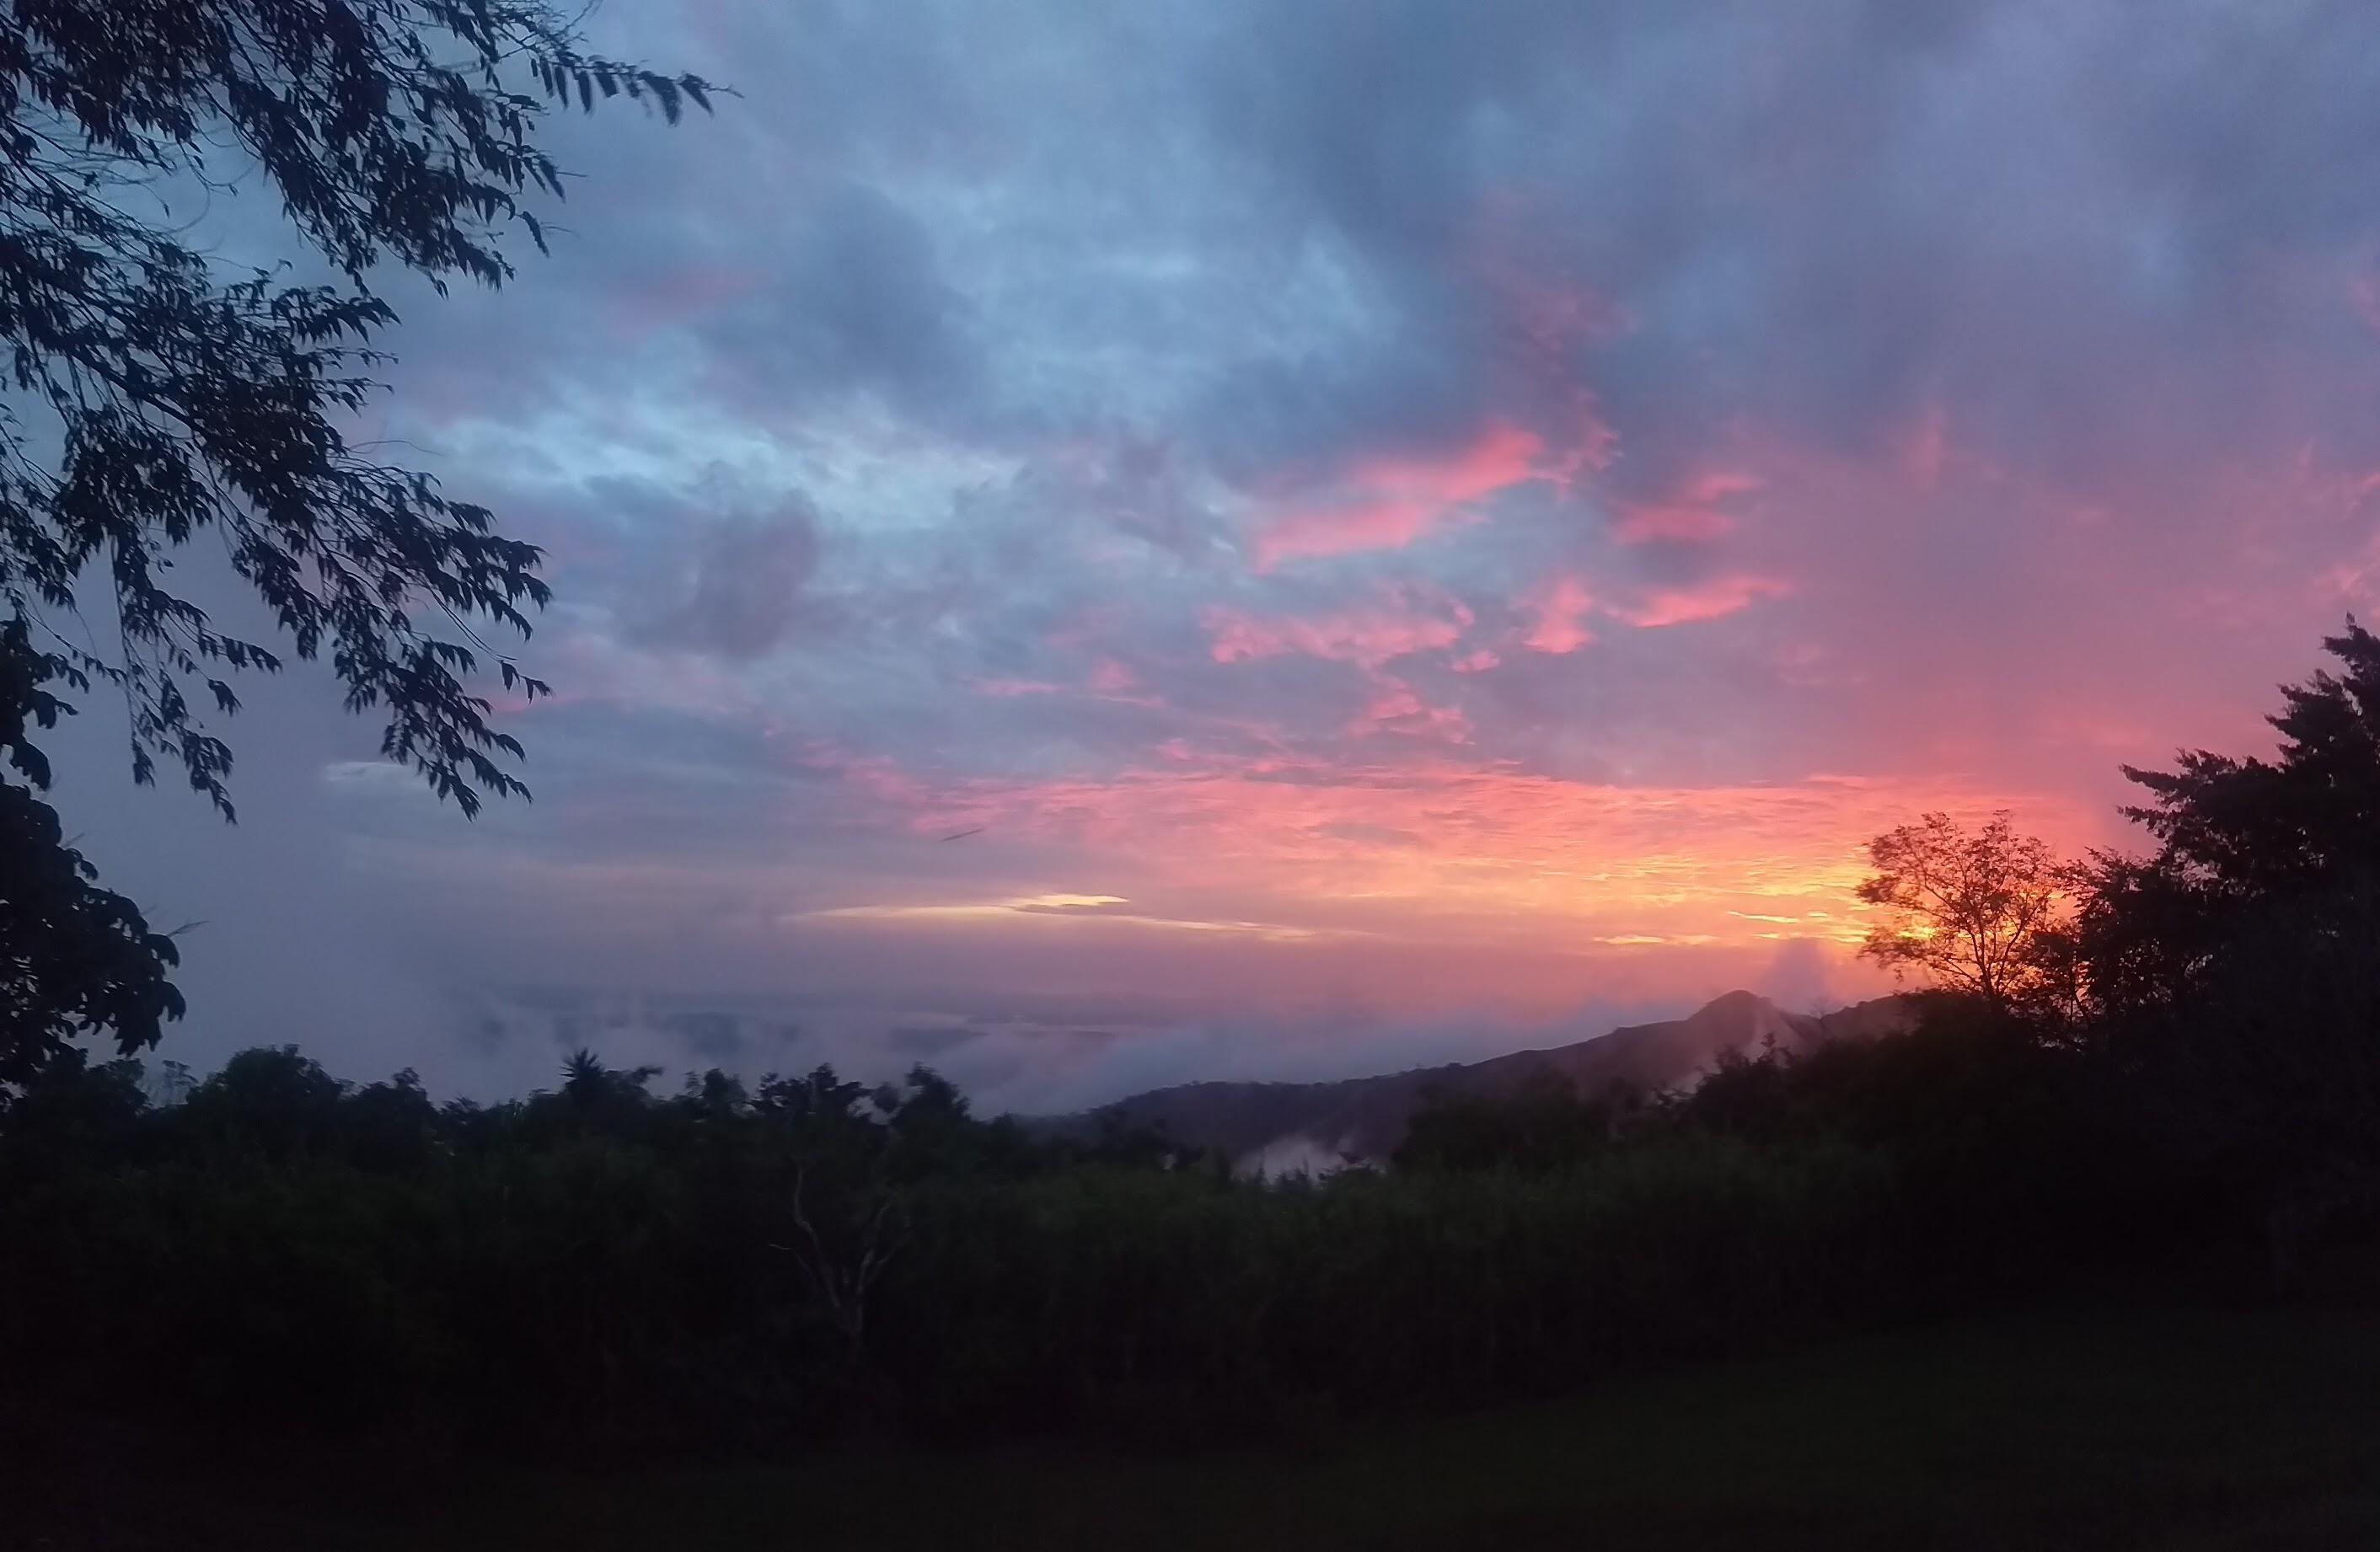 Cloud View (T. Koczot)